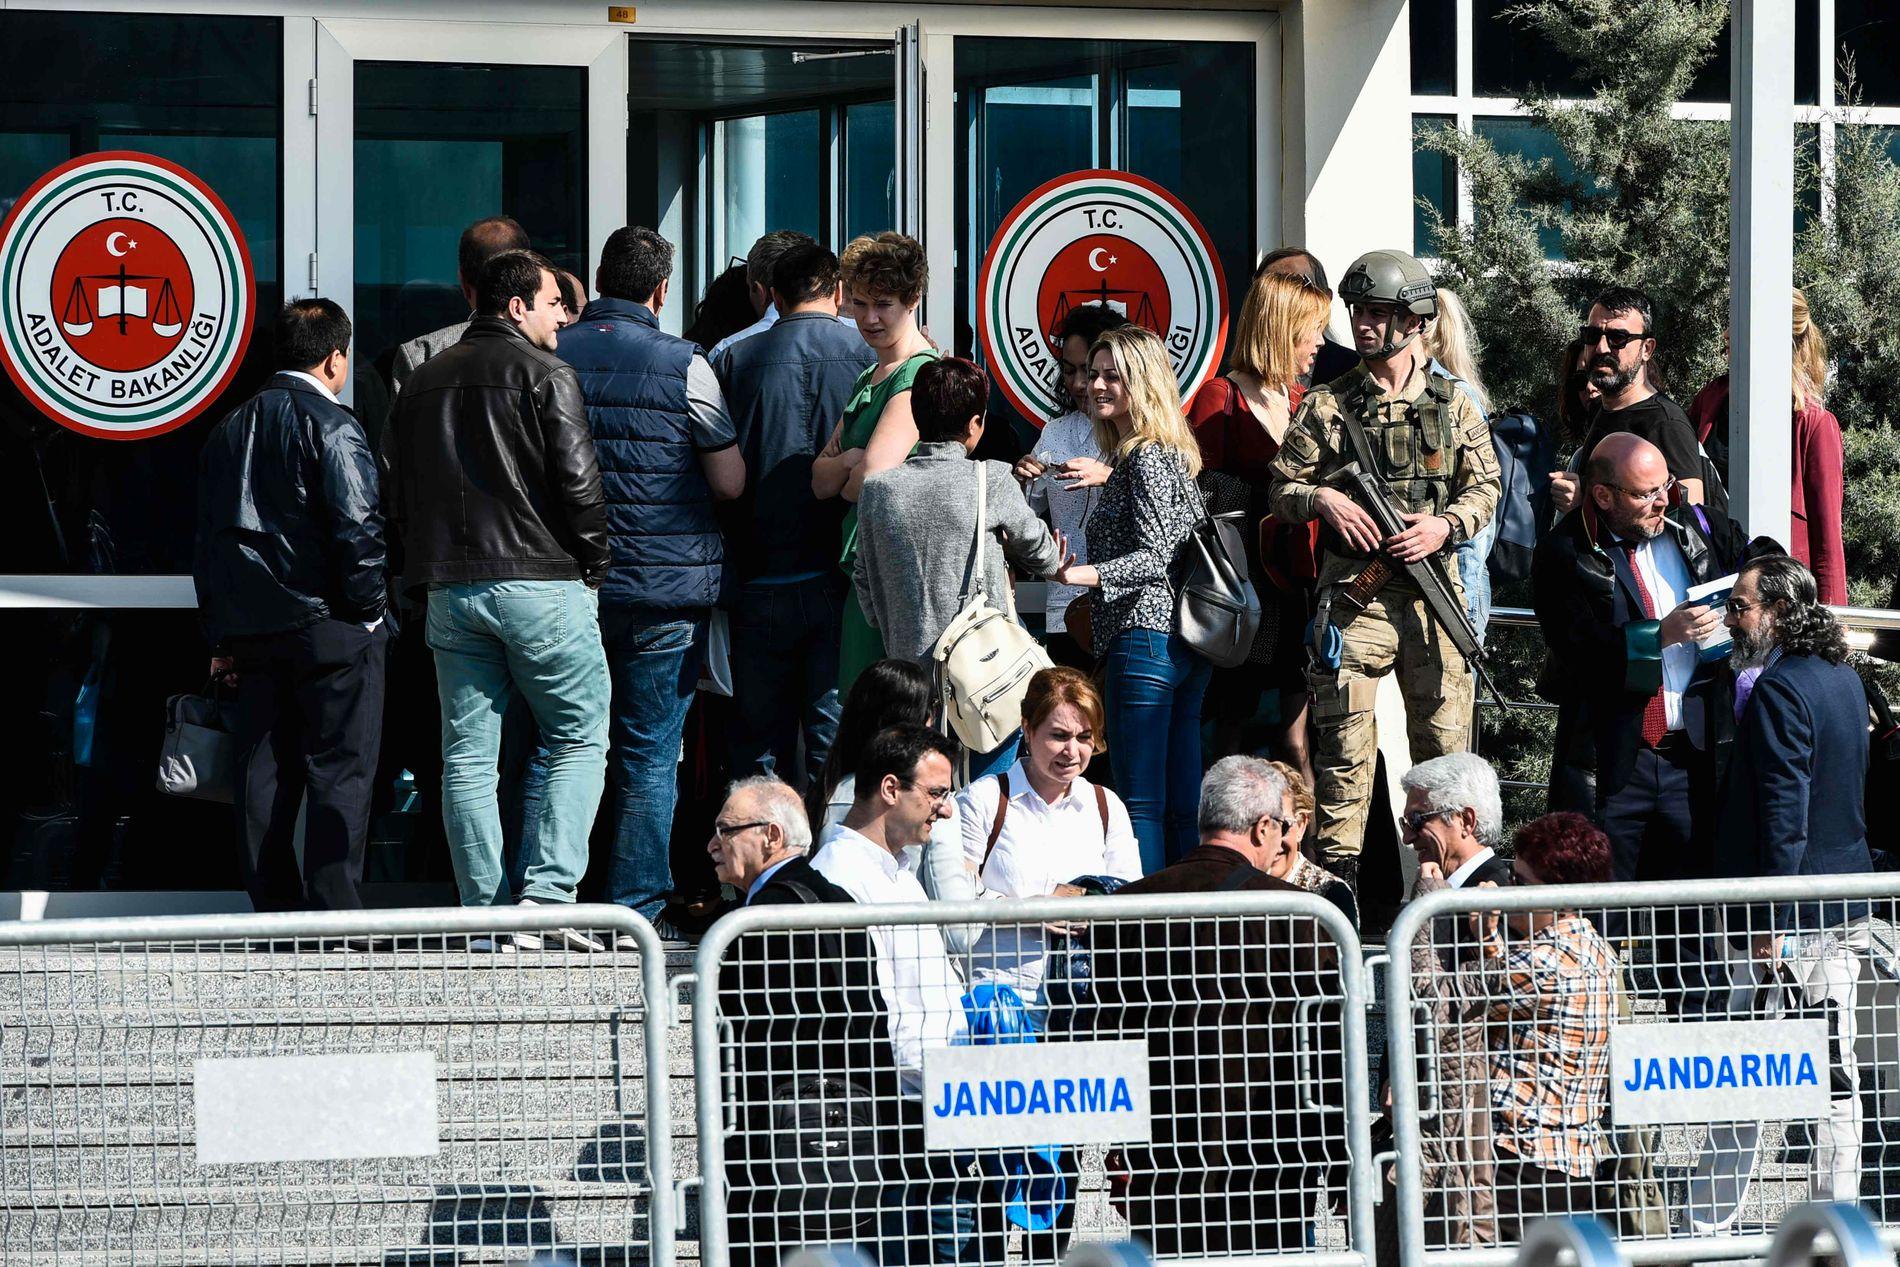 FENGSELET: Rettssaken mot tidligere og nåværende ledere, journalister og illustratører i Cumhuriyet foregikk i Silivri-fengselet utenfor Istanbul.